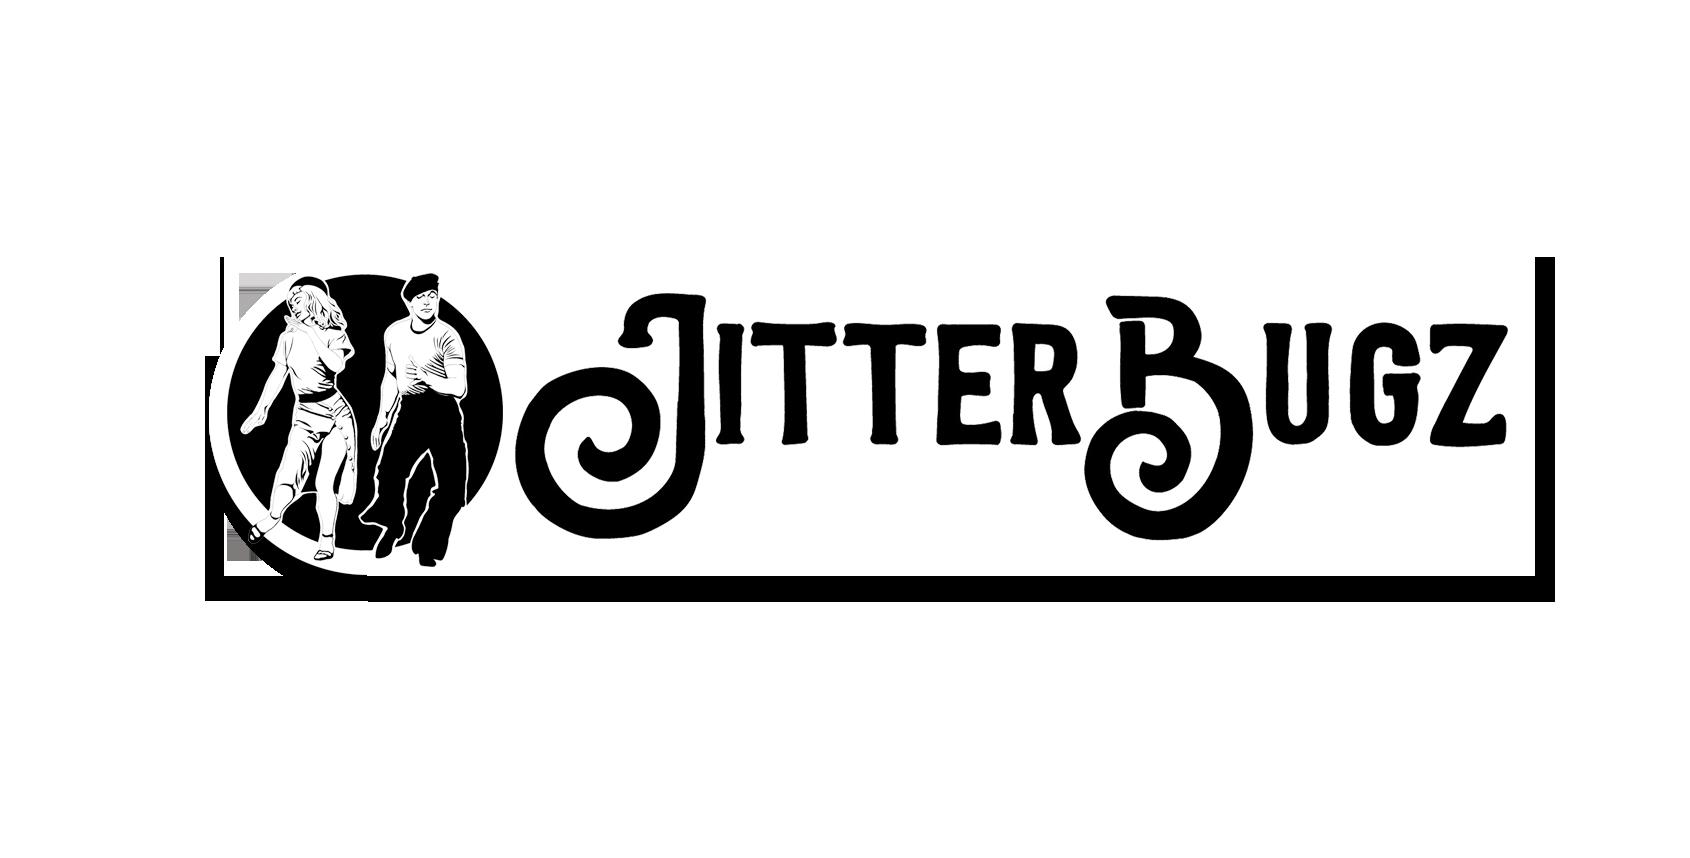 Jitterbugz Pub & Lounge